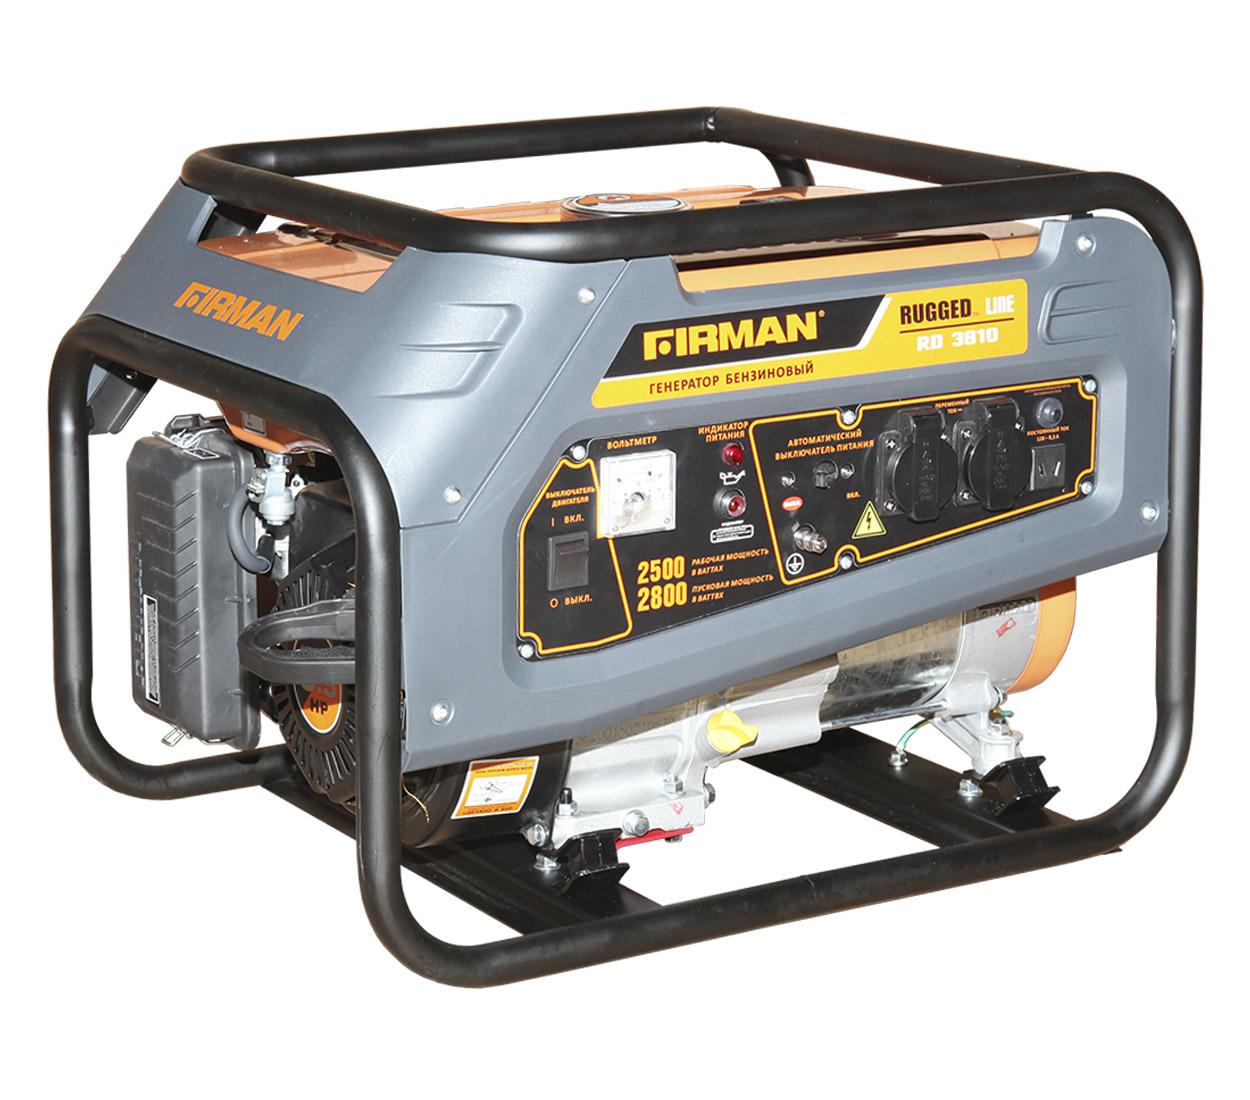 Бензиновый генератор (Бензогенератор) Firman RD3910